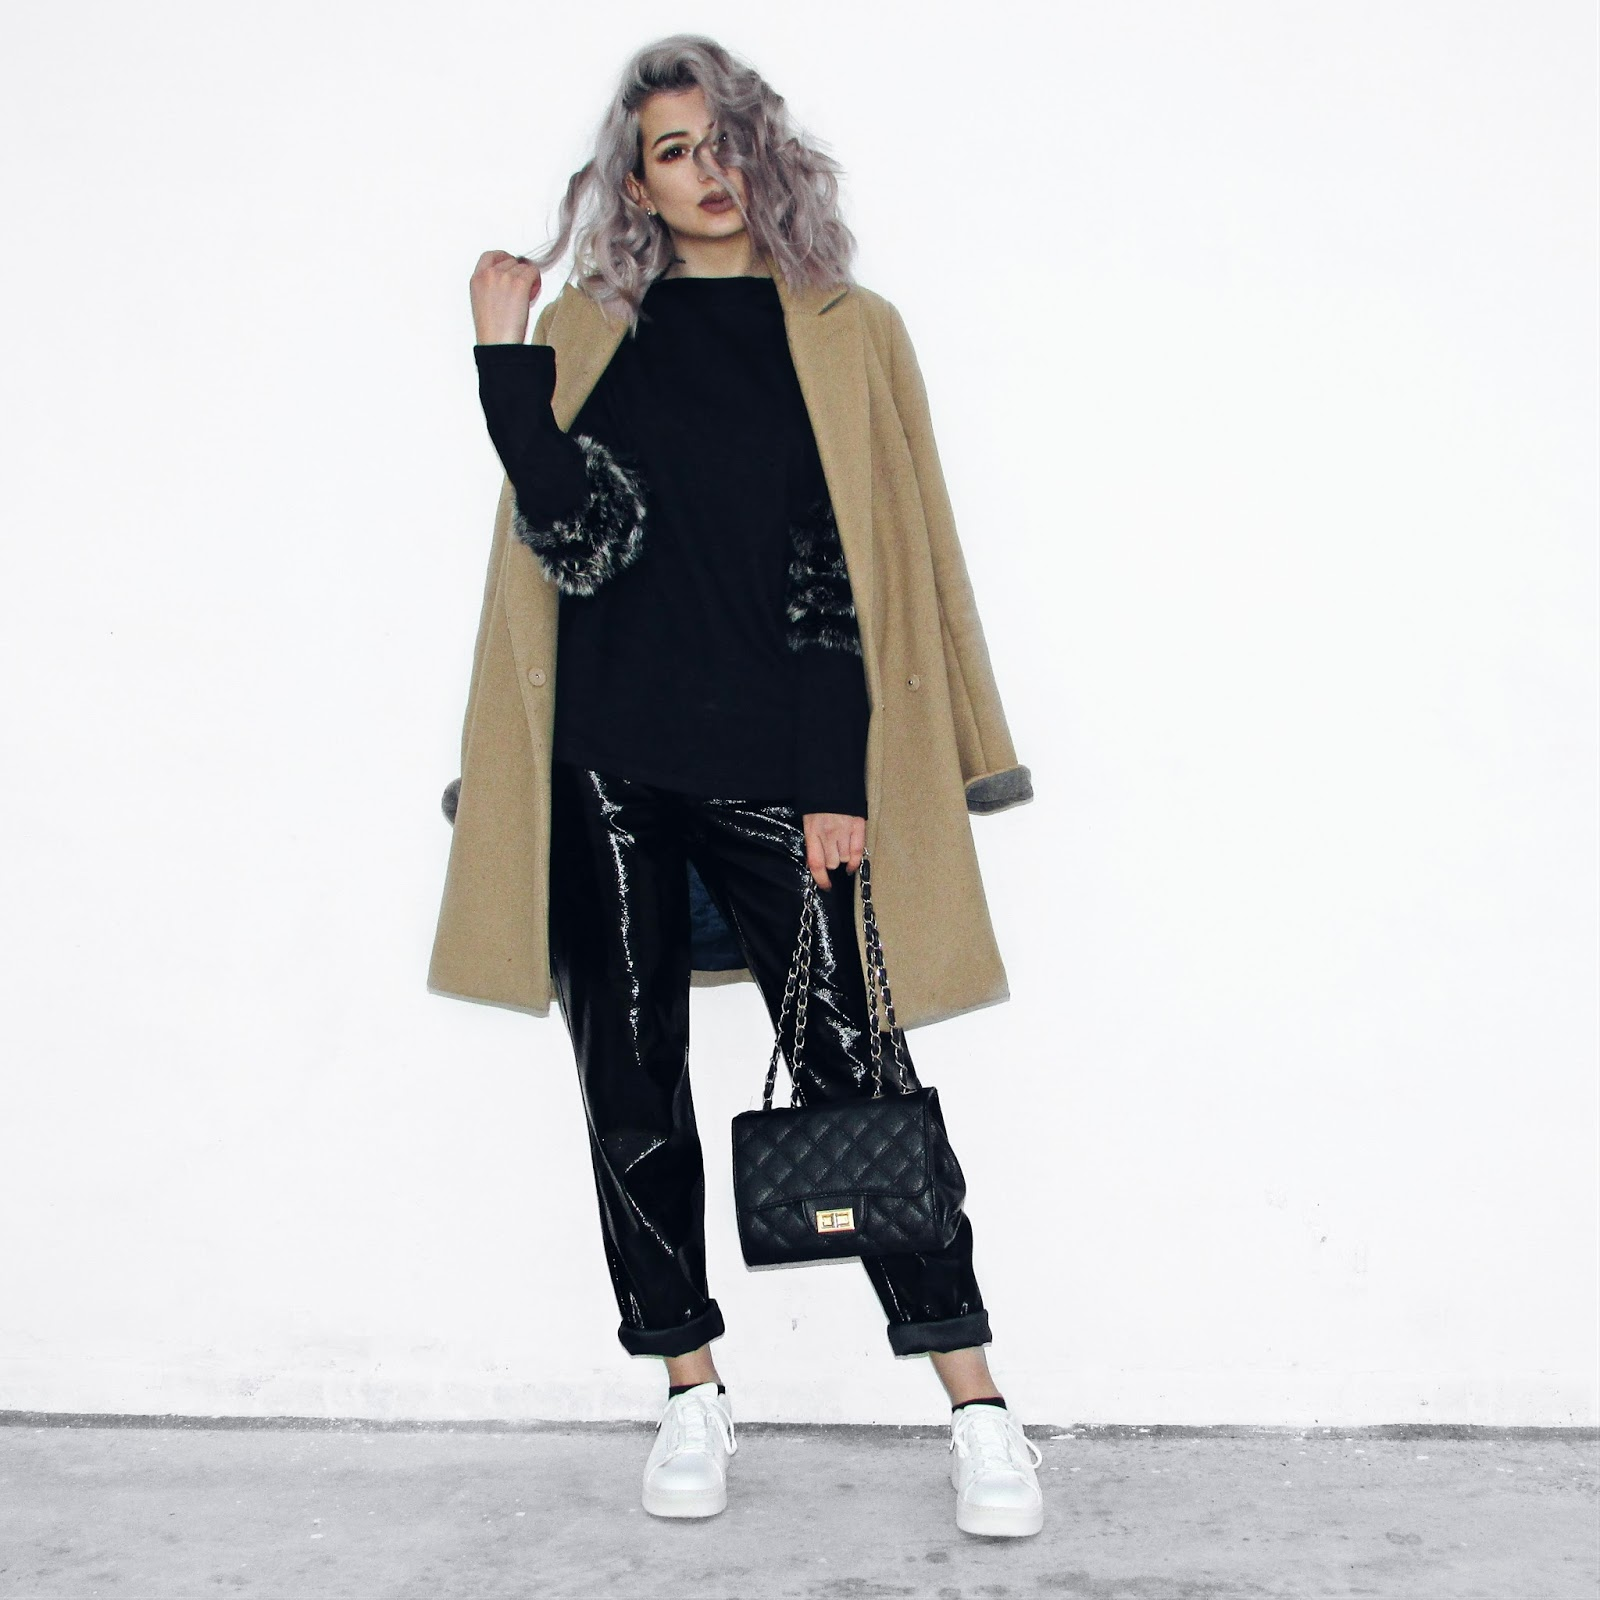 vilyn pants street style